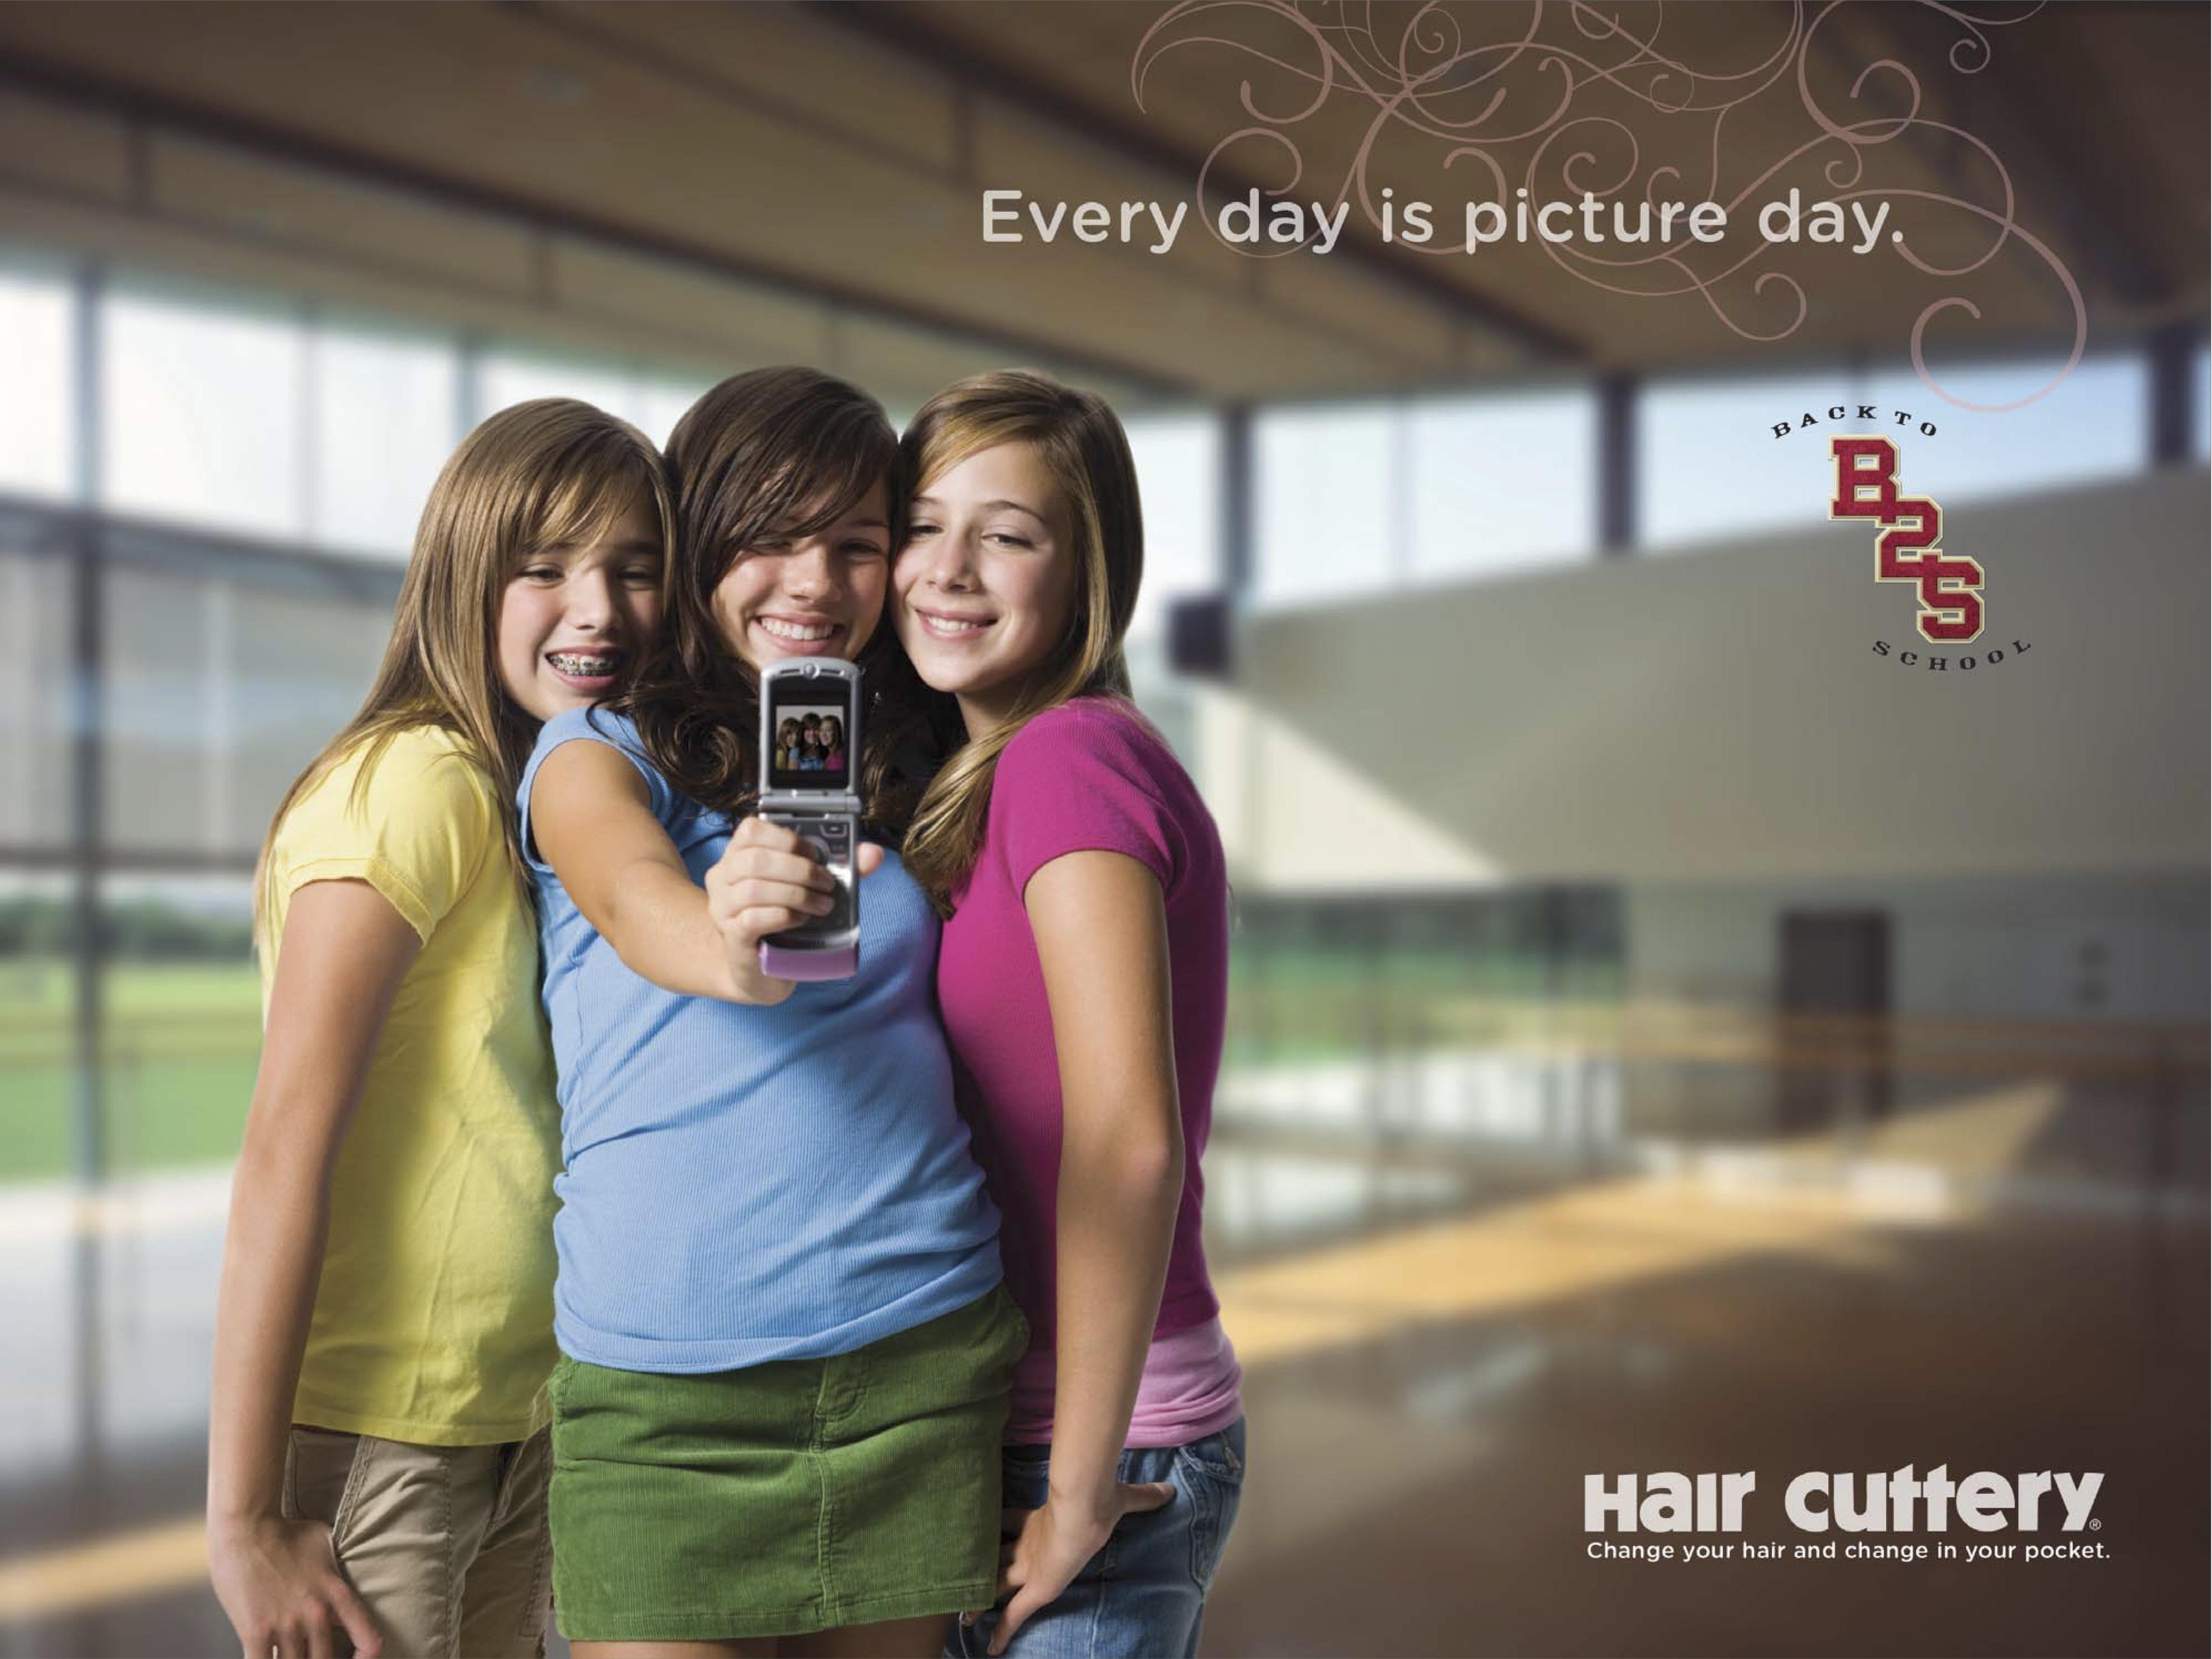 Haircuttery_BTS